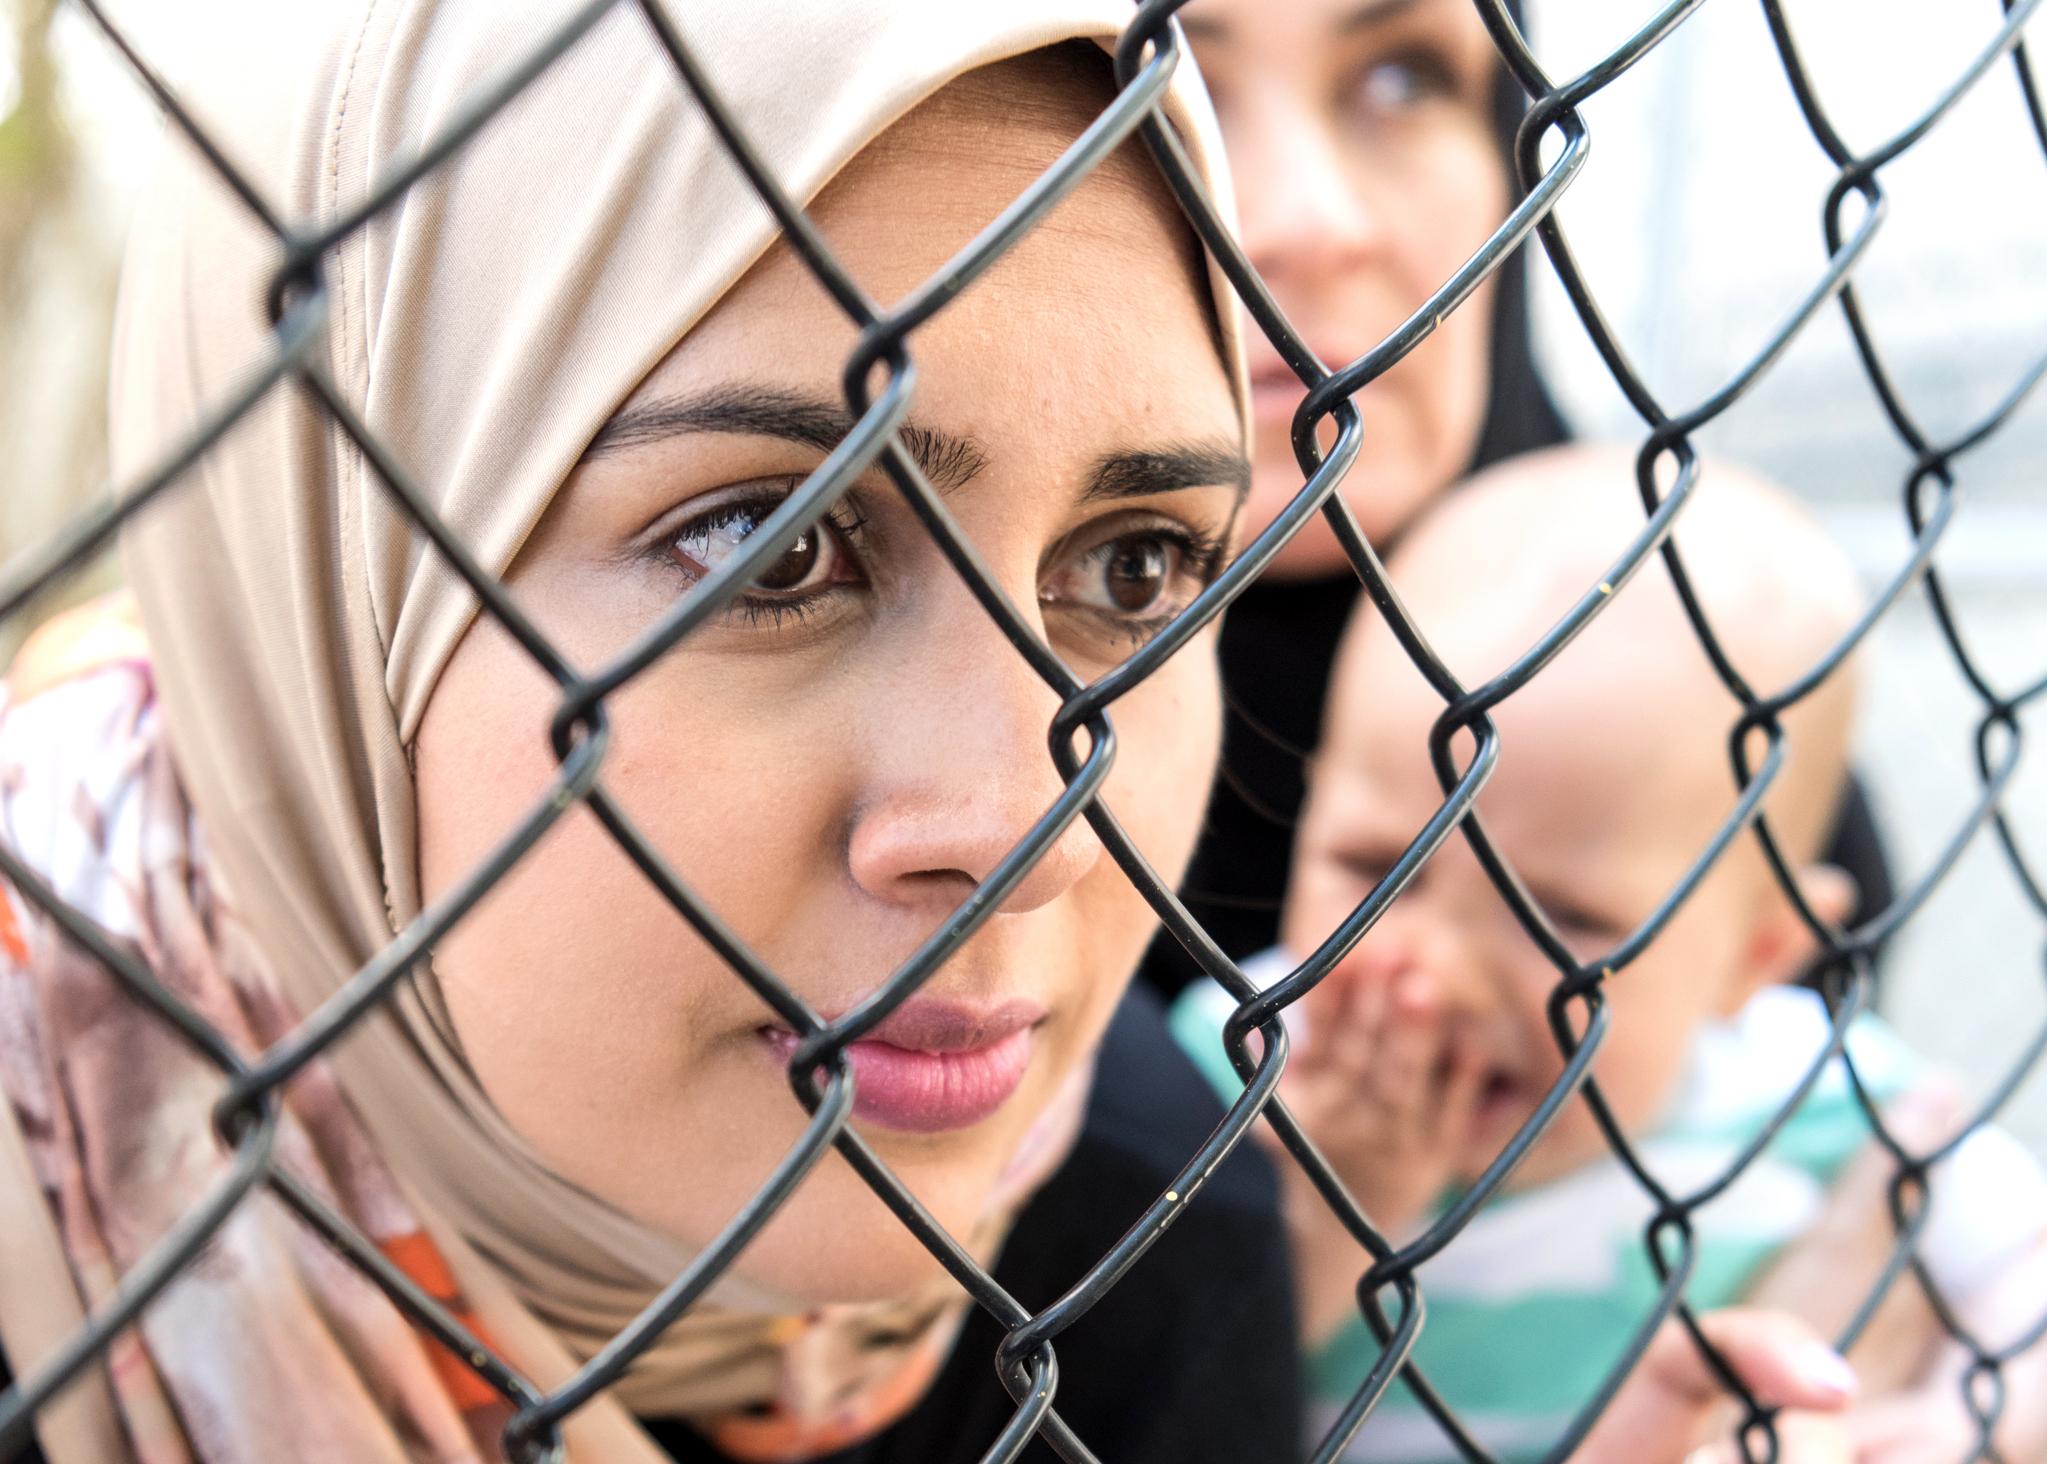 """Il D.L. n. 113/2018 recante """"Disposizioni in materia di protezione internazionale e immigrazione"""": le innovazioni rilevanti per i Servizi demografici."""